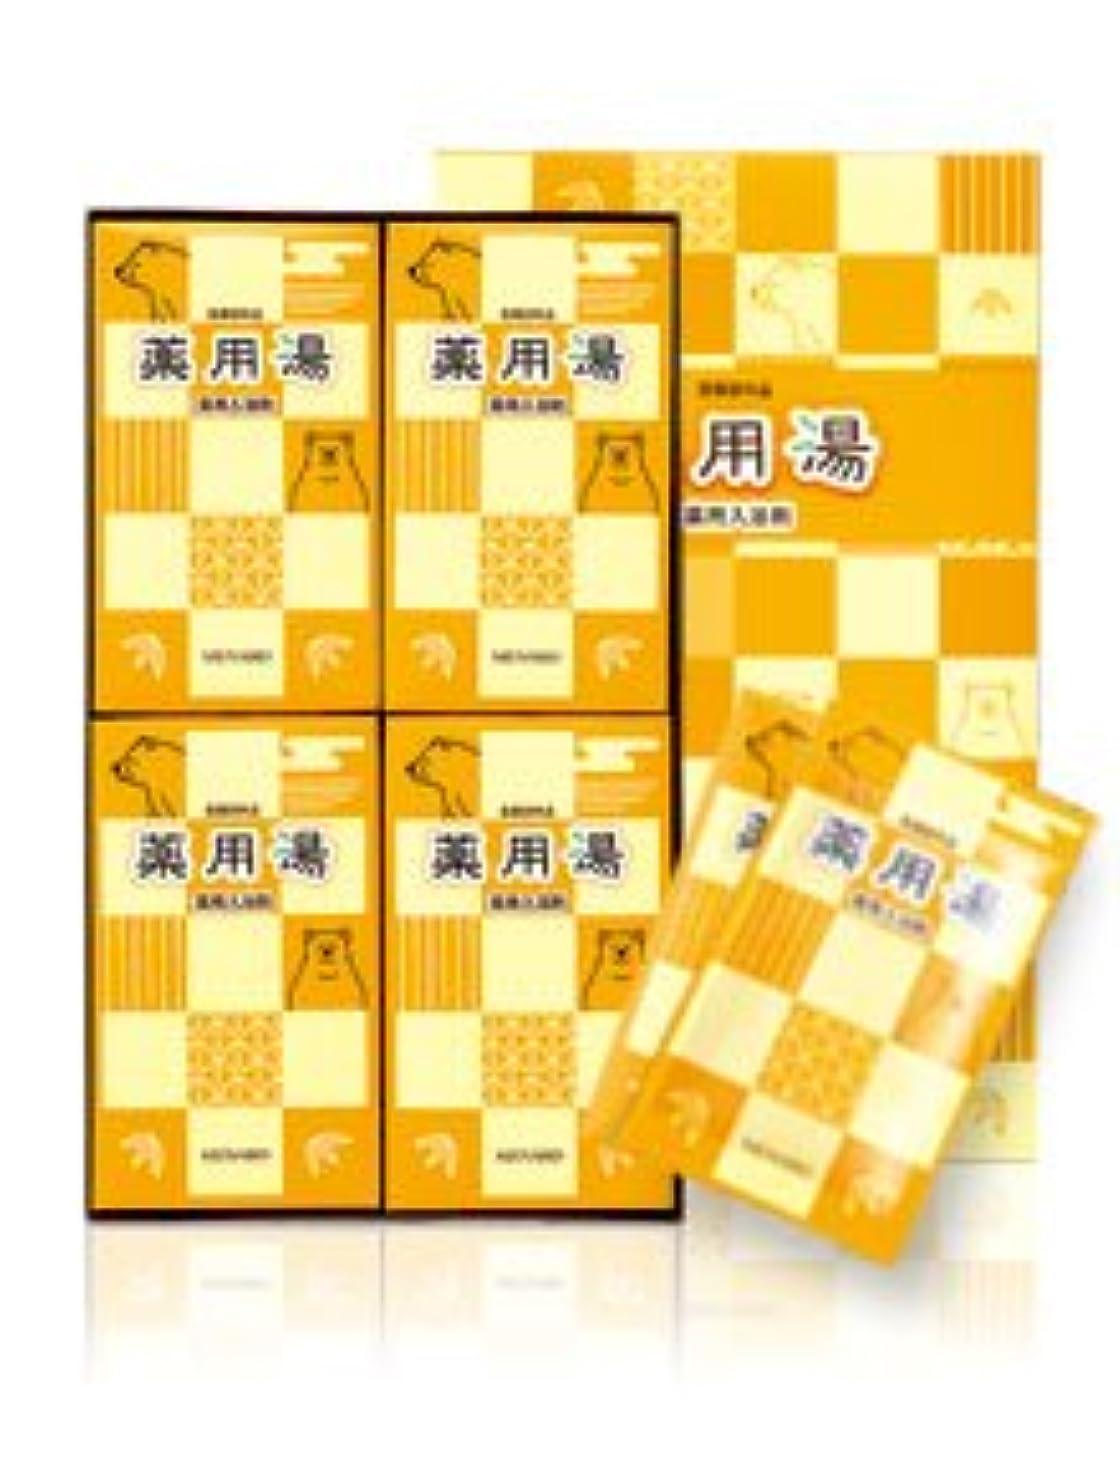 スローアレルギー性帆メナード 薬用湯 (37mLx20包) 医薬部外品 [並行輸入品]